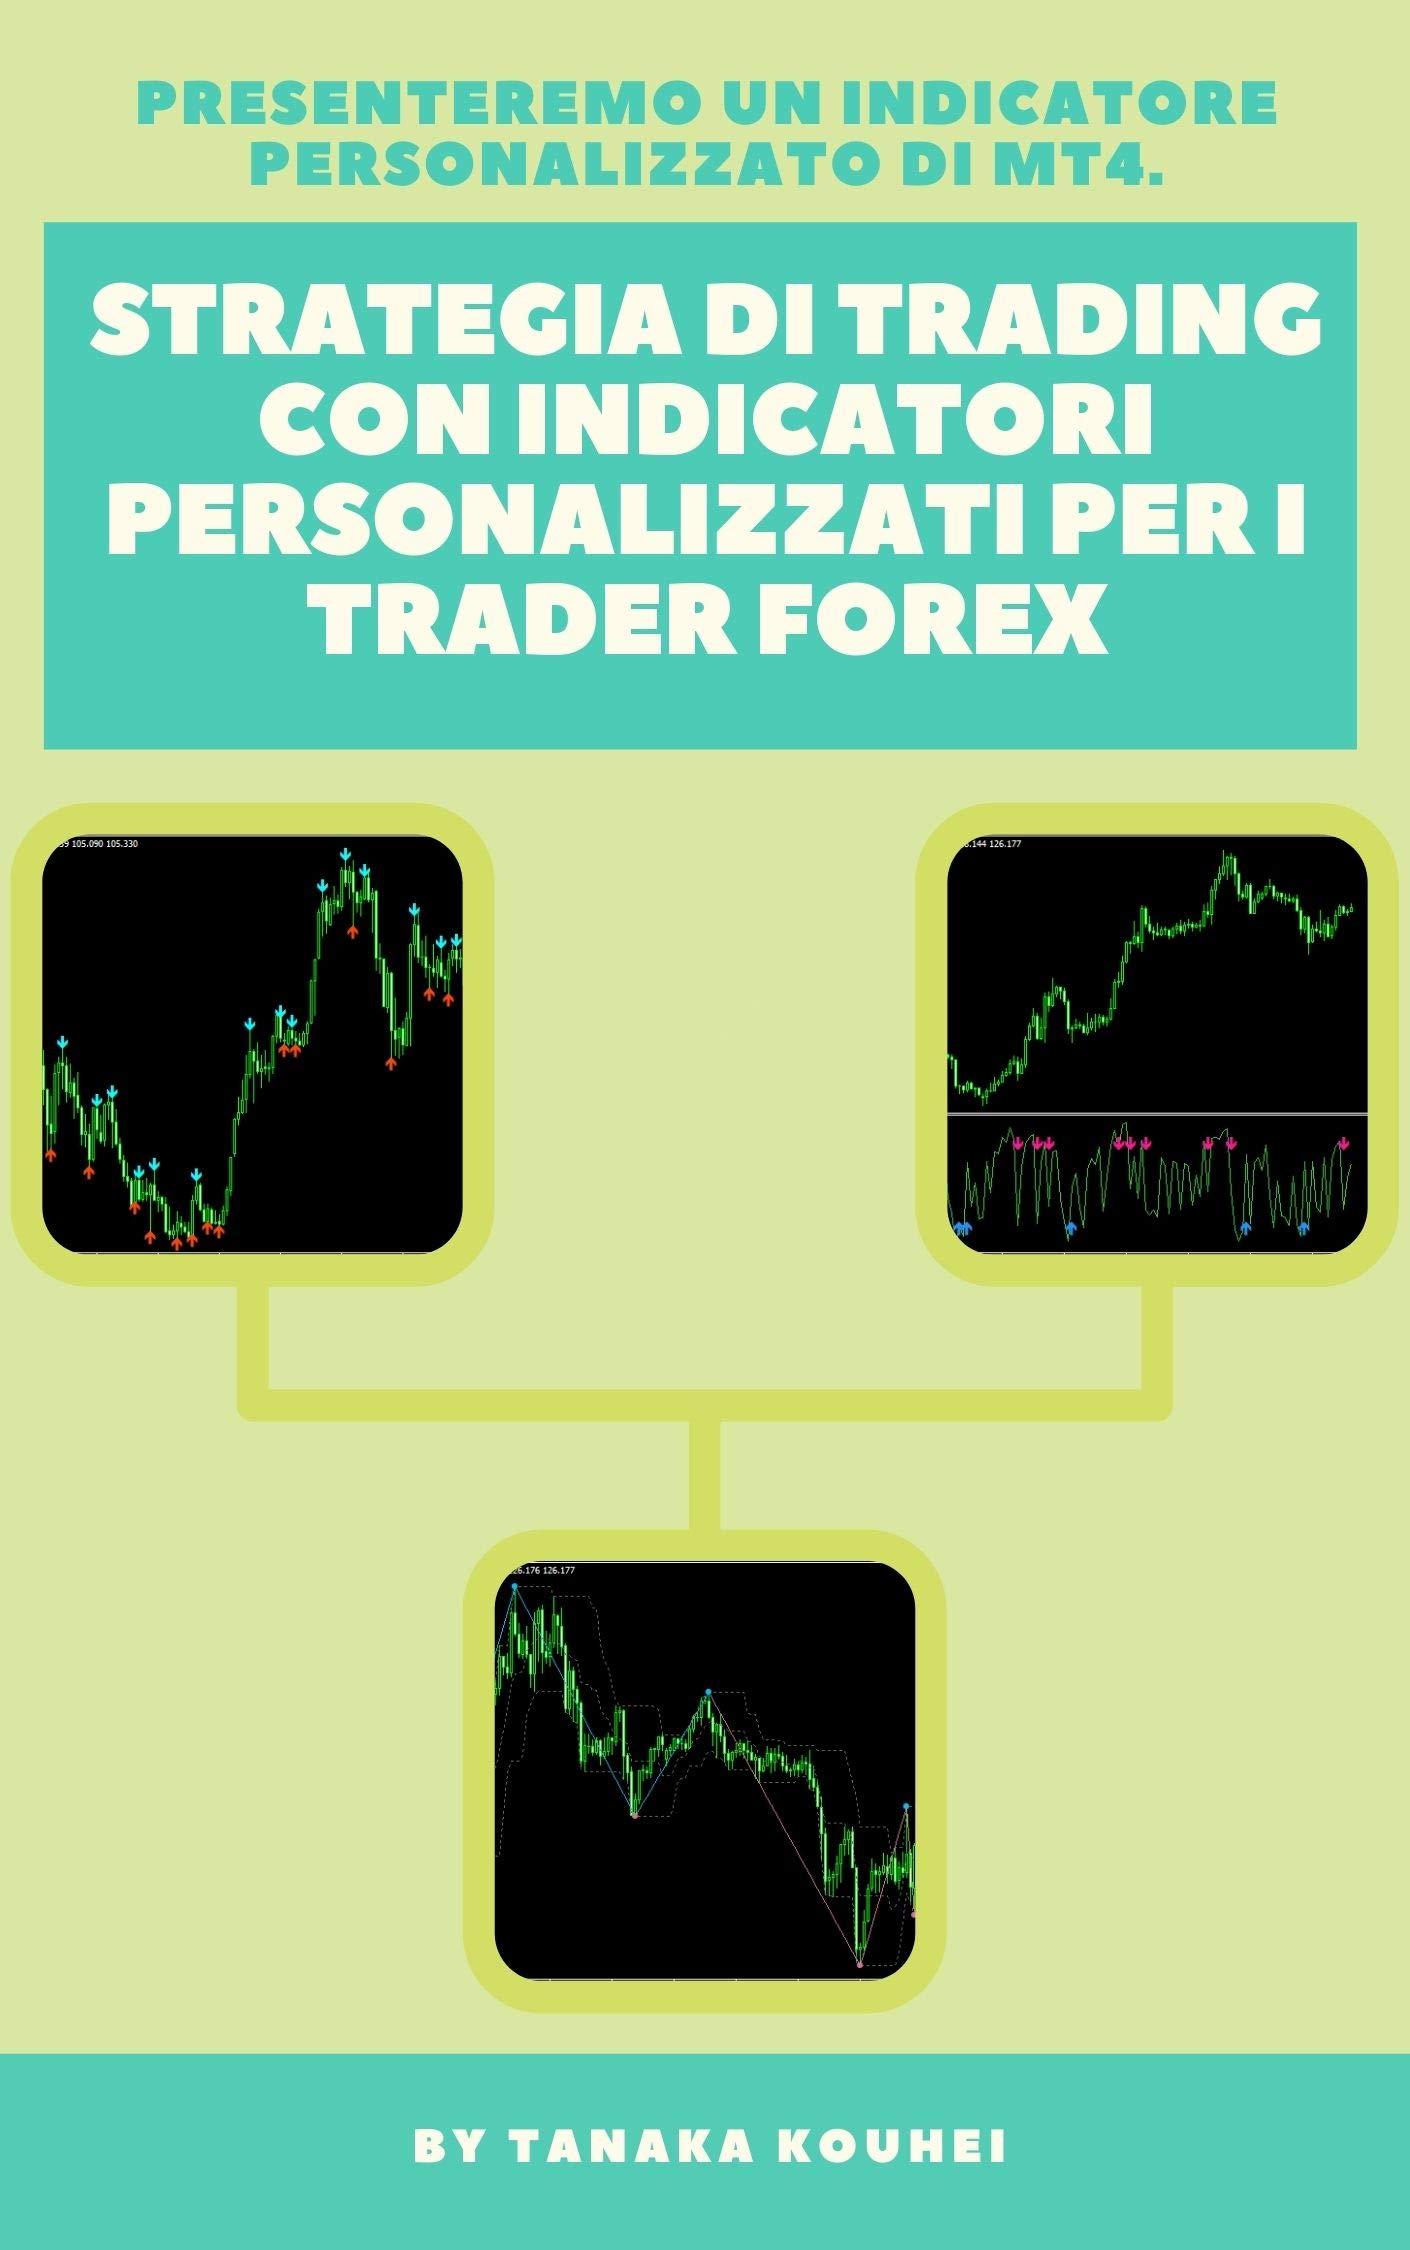 Strategia di trading con indicatori personalizzati per i trader Forex: Ottieni un indicatore personalizzato per MT4. (Italian Edition)